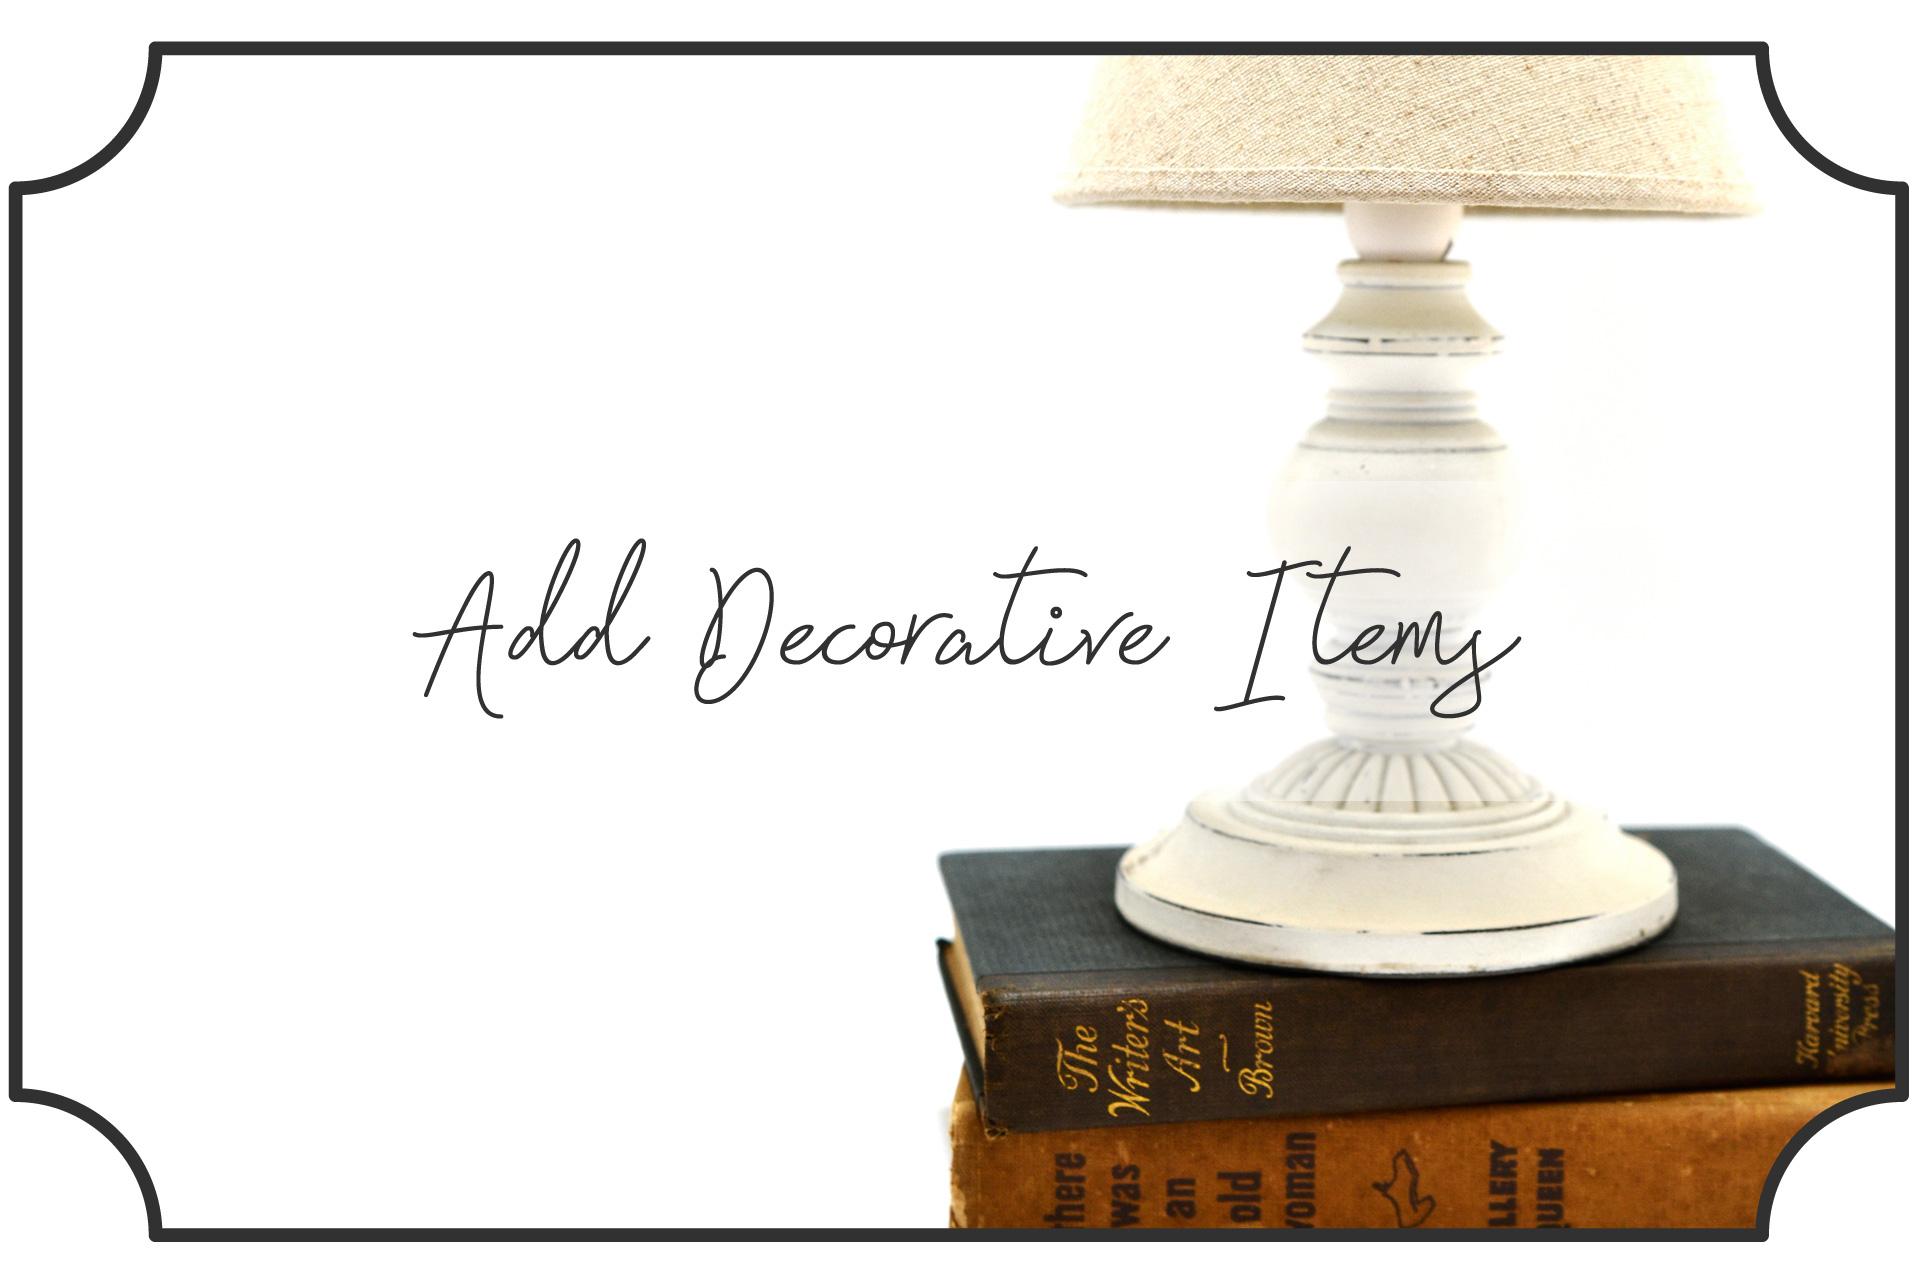 本の上に卓上ランプを置いて飾る